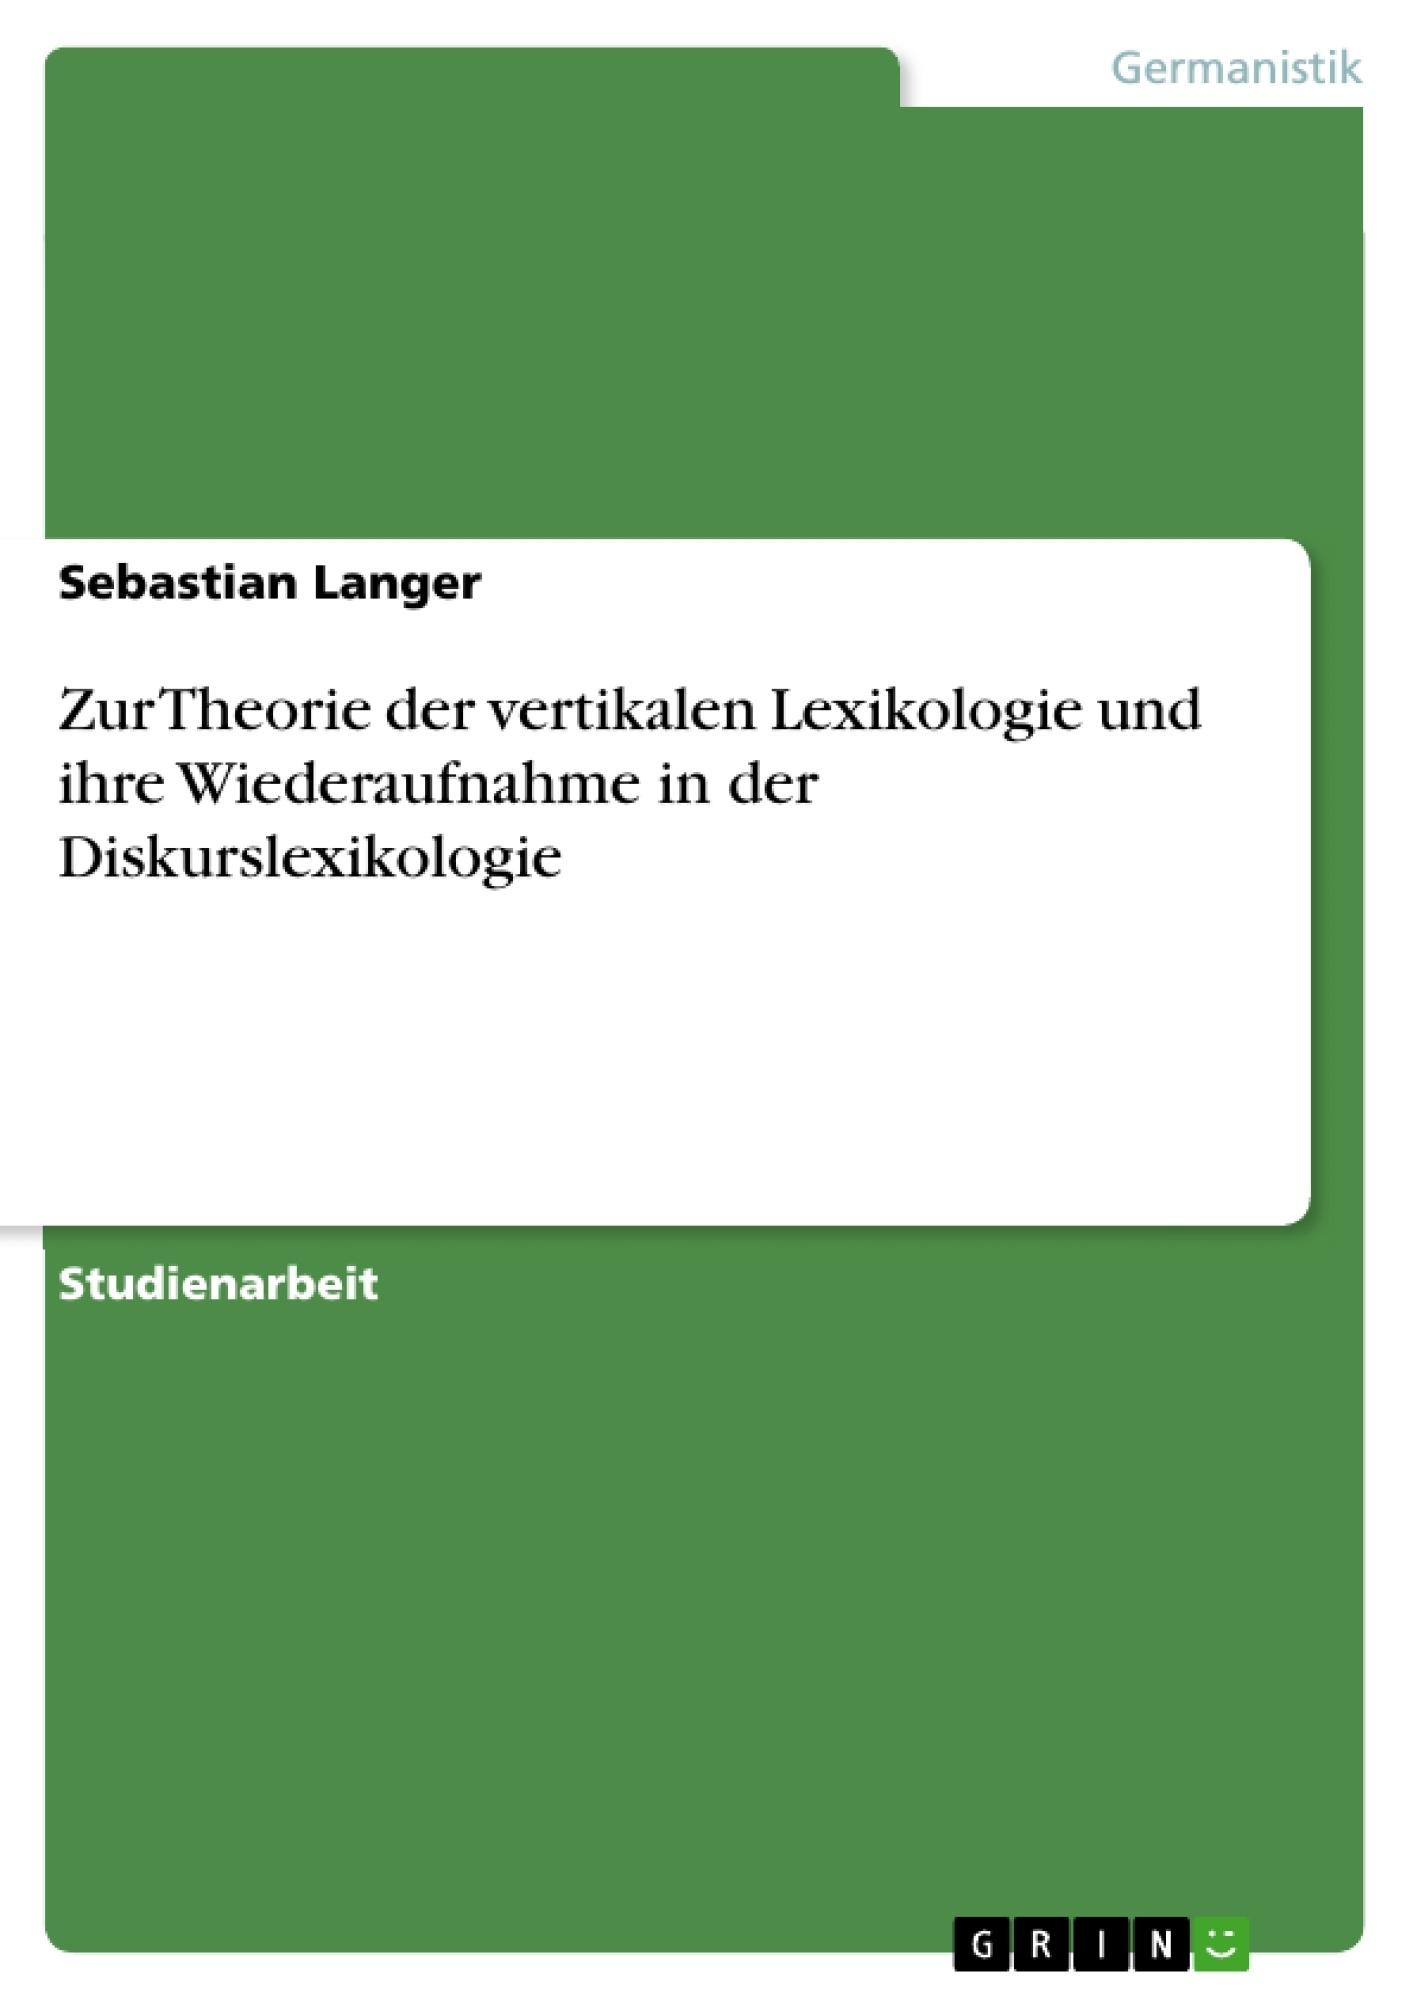 Titel: Zur Theorie der vertikalen Lexikologie und ihre Wiederaufnahme in der Diskurslexikologie